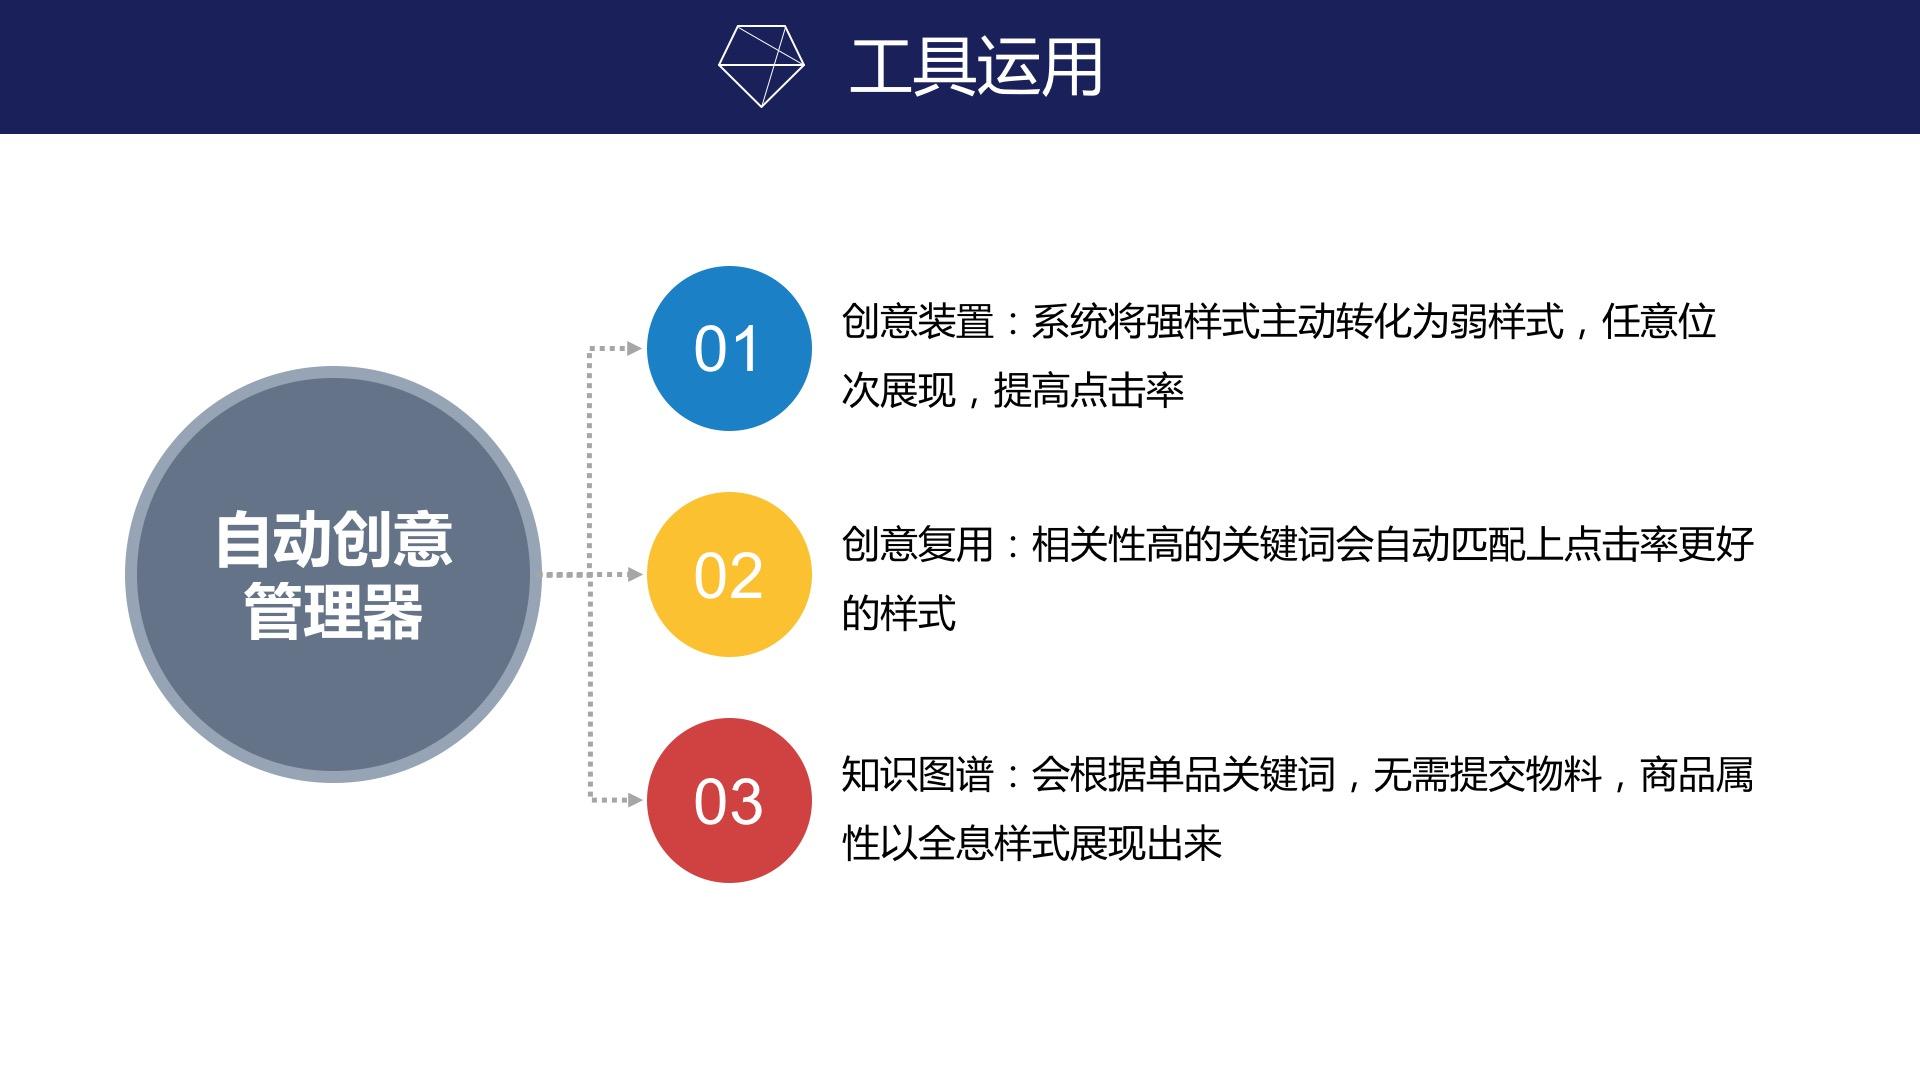 深分-李莹-深圳网络公司-上传.jpg